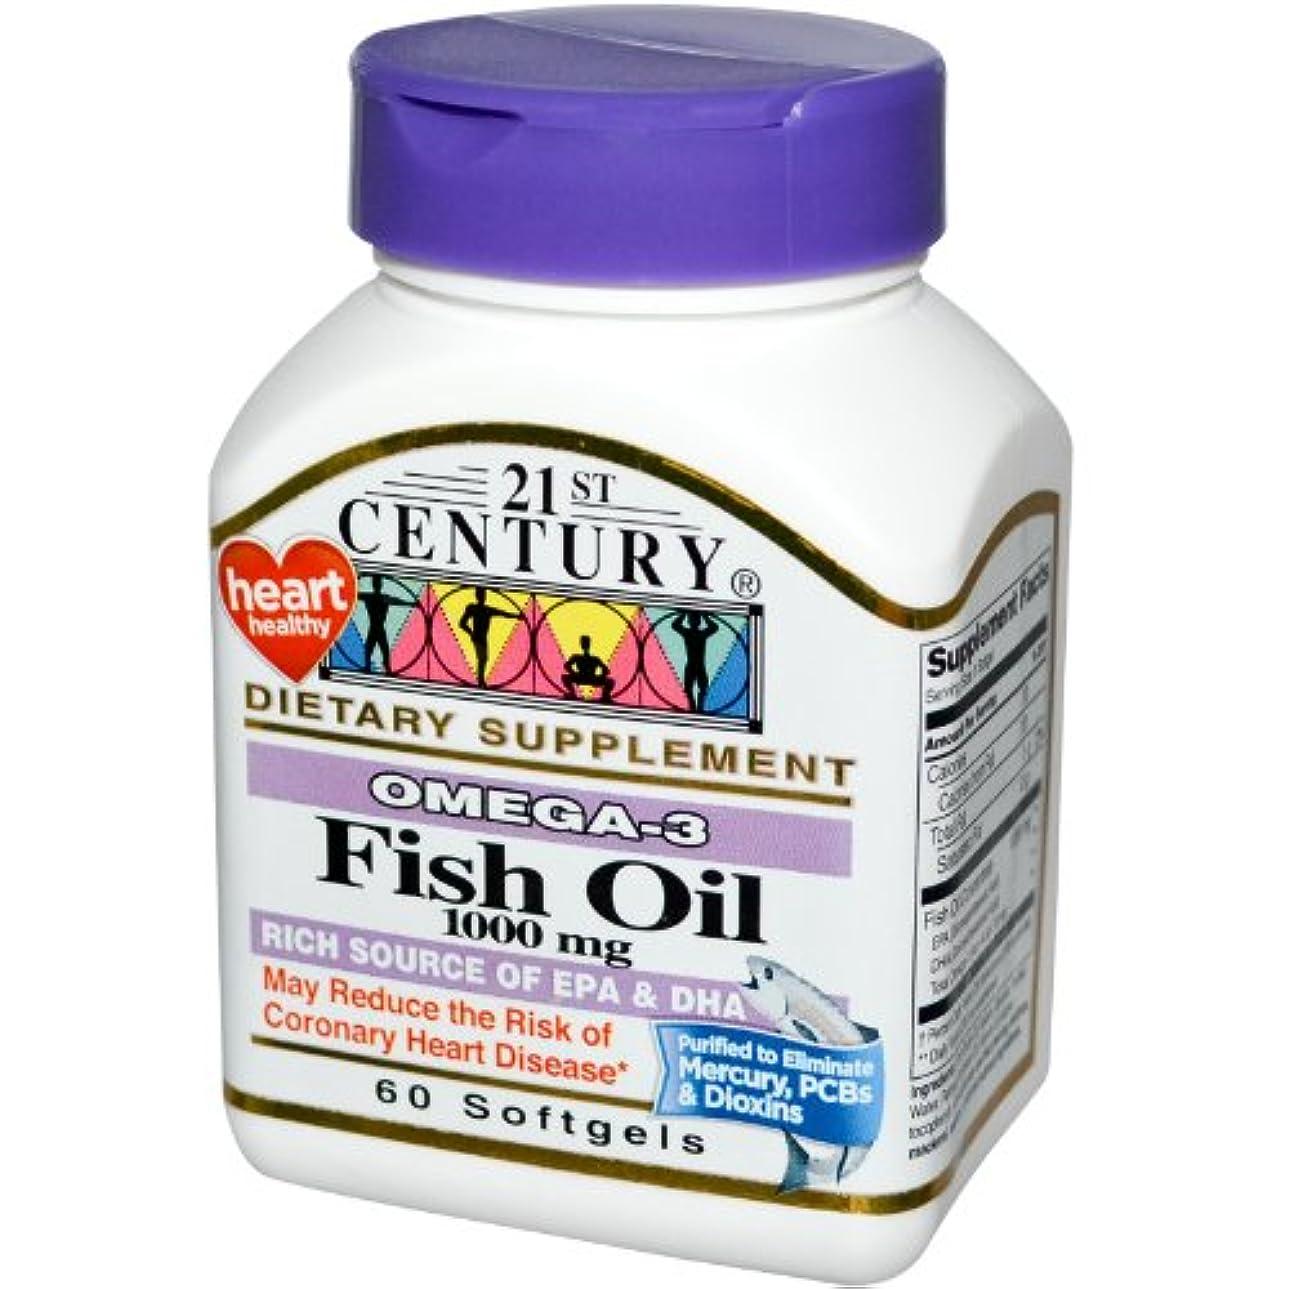 分離する方程式暗殺21st Century Health Care, Fish Oil, 1000 mg, 60 Softgels